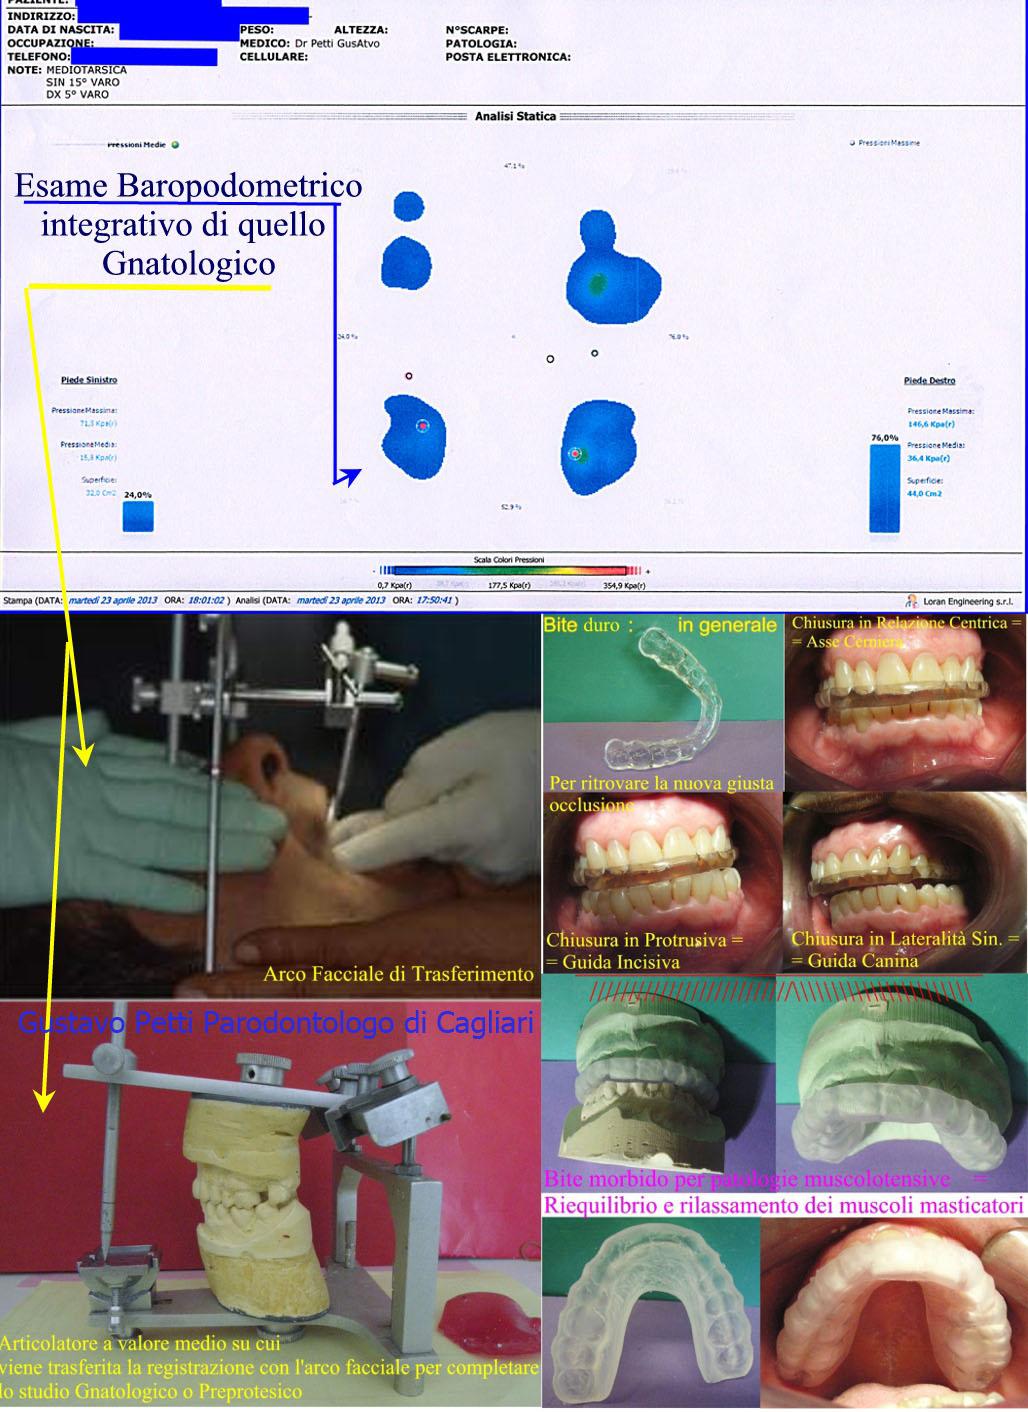 analisi-gnatologica-dr-g.petti-cagliari-276.jpg